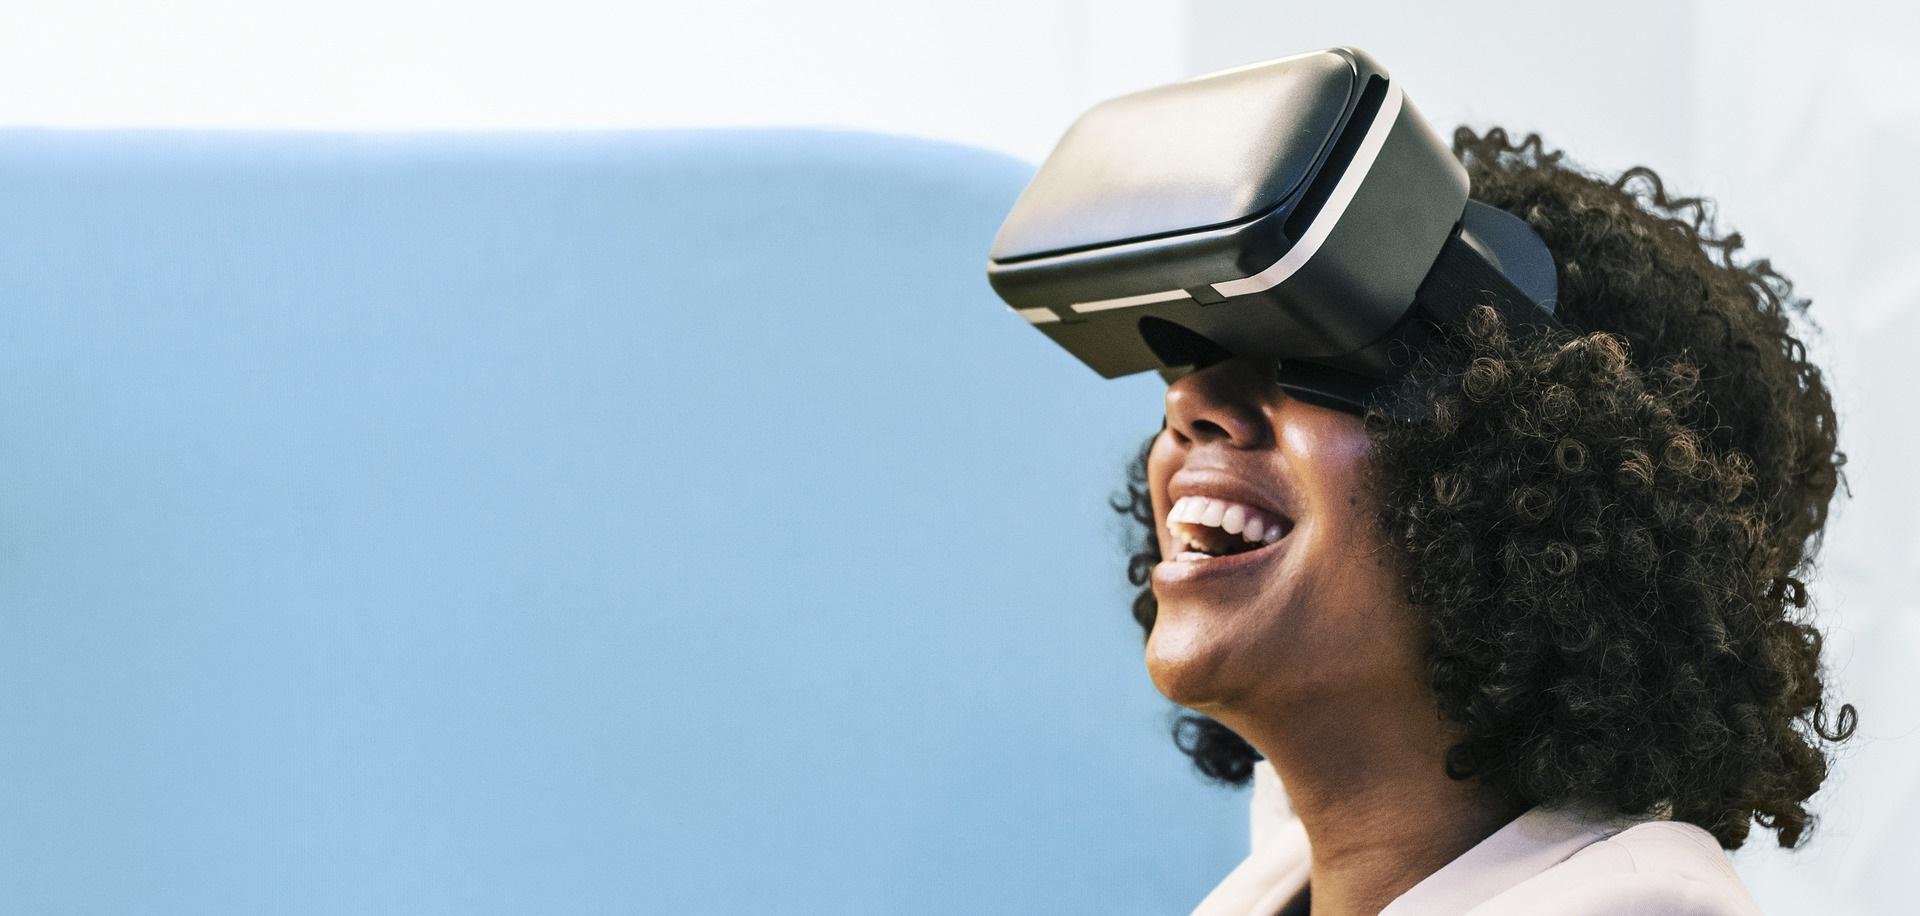 Σχεδιασμός και κατασκευή καταστήματος VR Lab